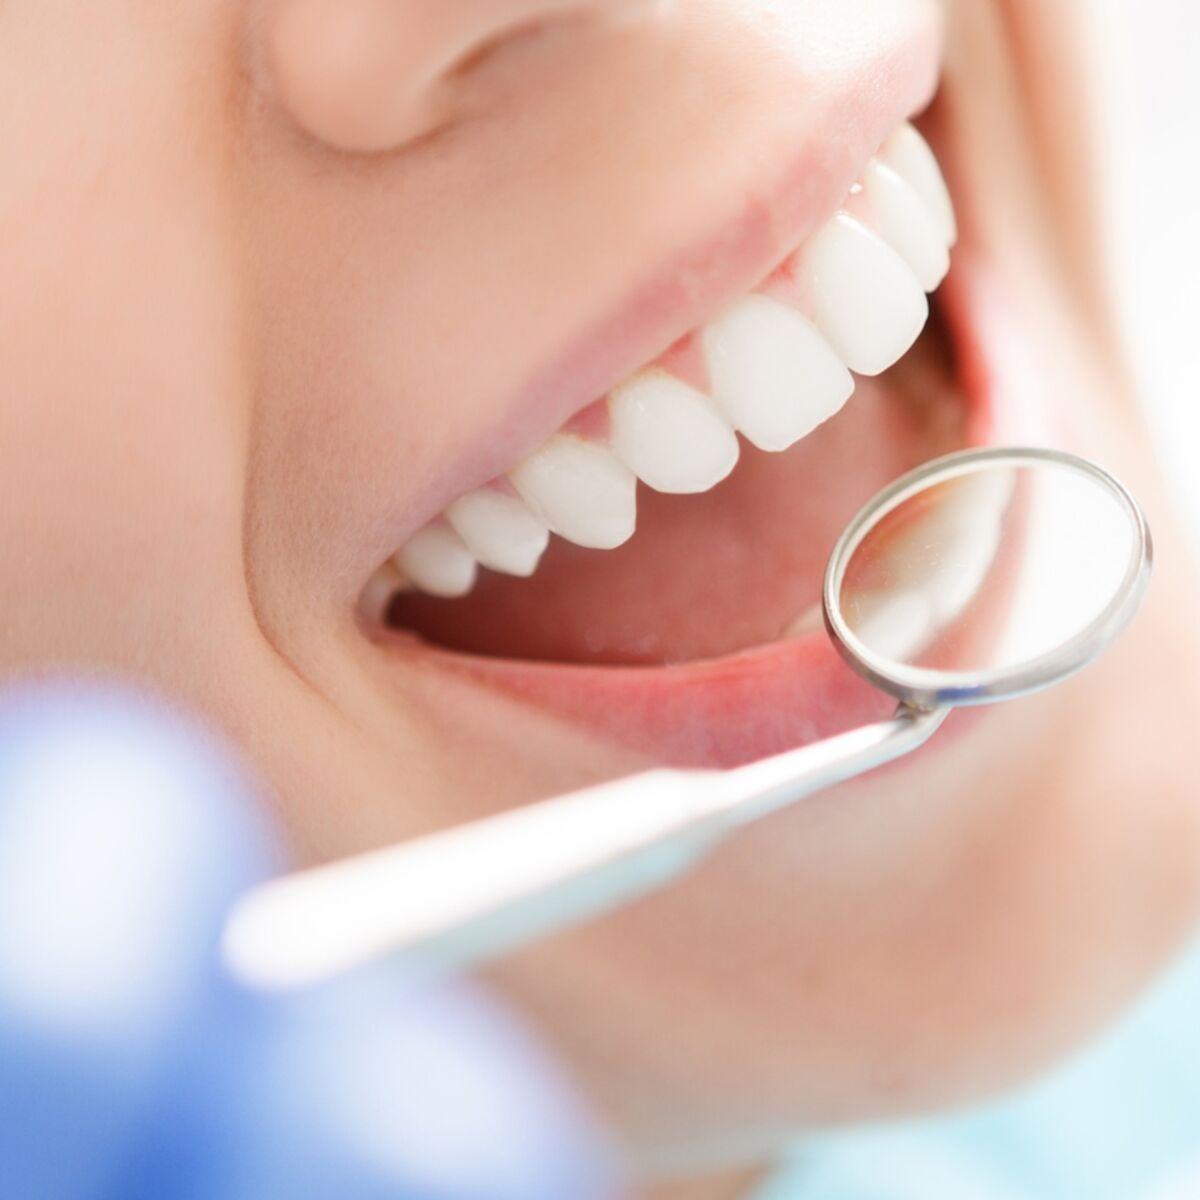 Une mauvaise santé bucco-dentaire peut s'avérer être grave et favorise les carences alimentaires